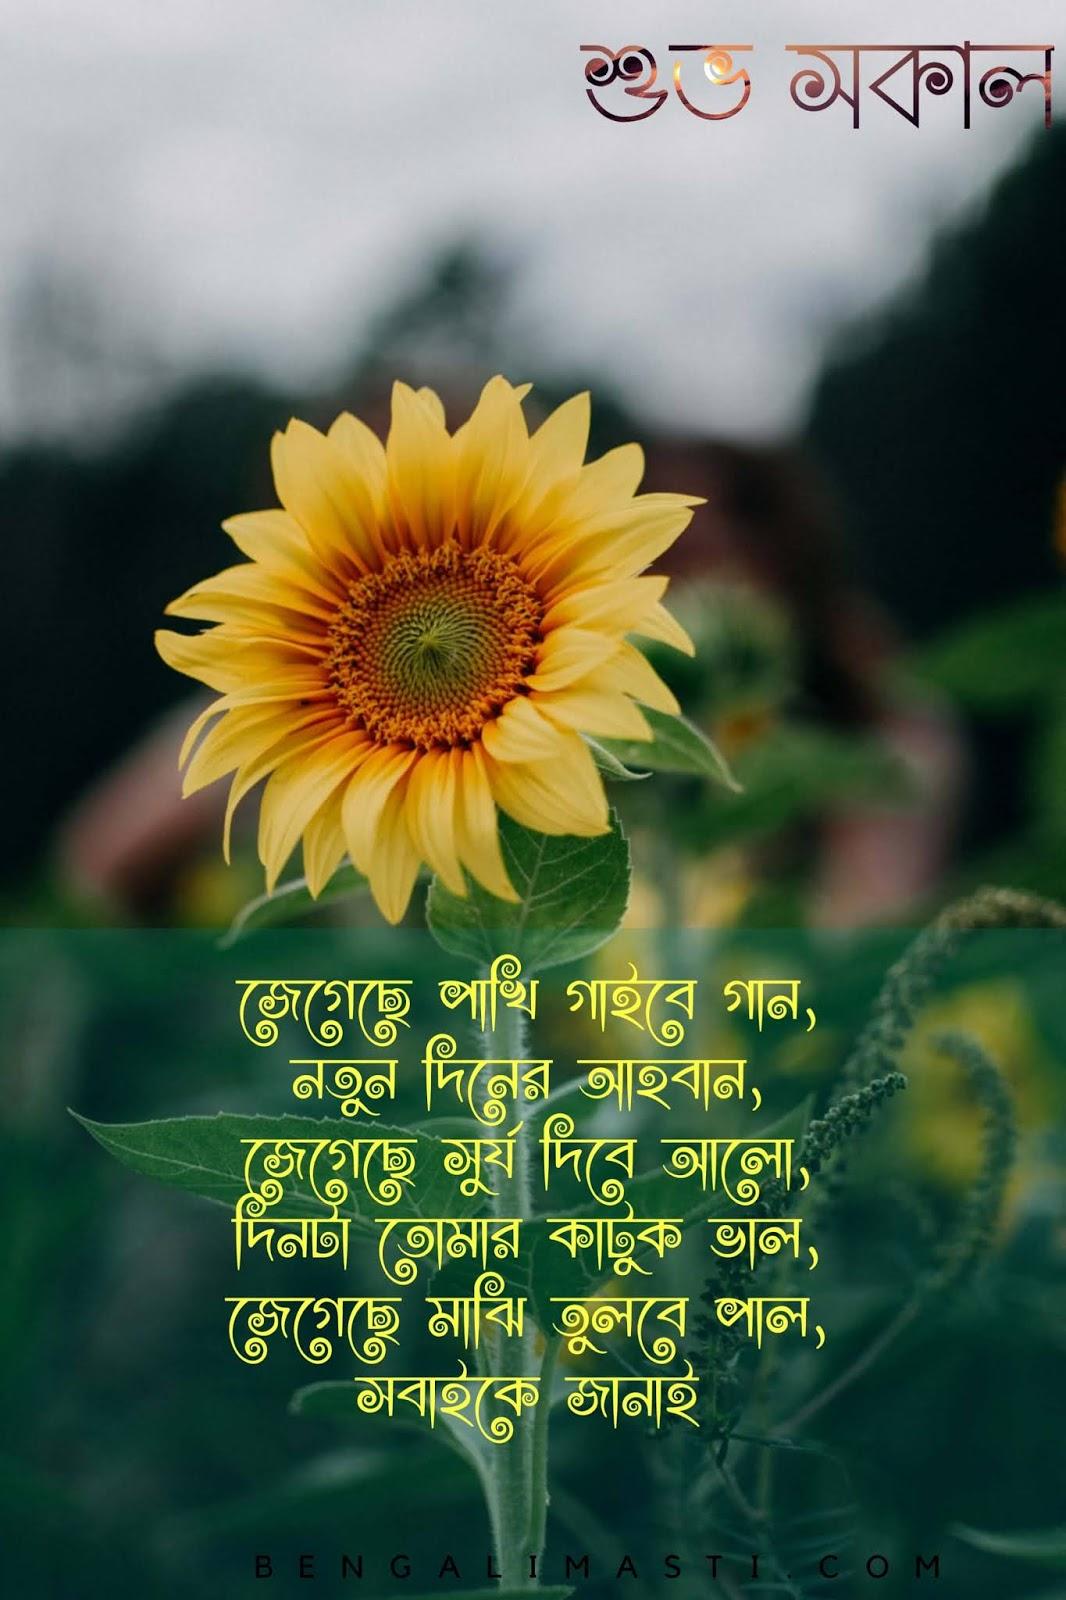 subho Sokal image